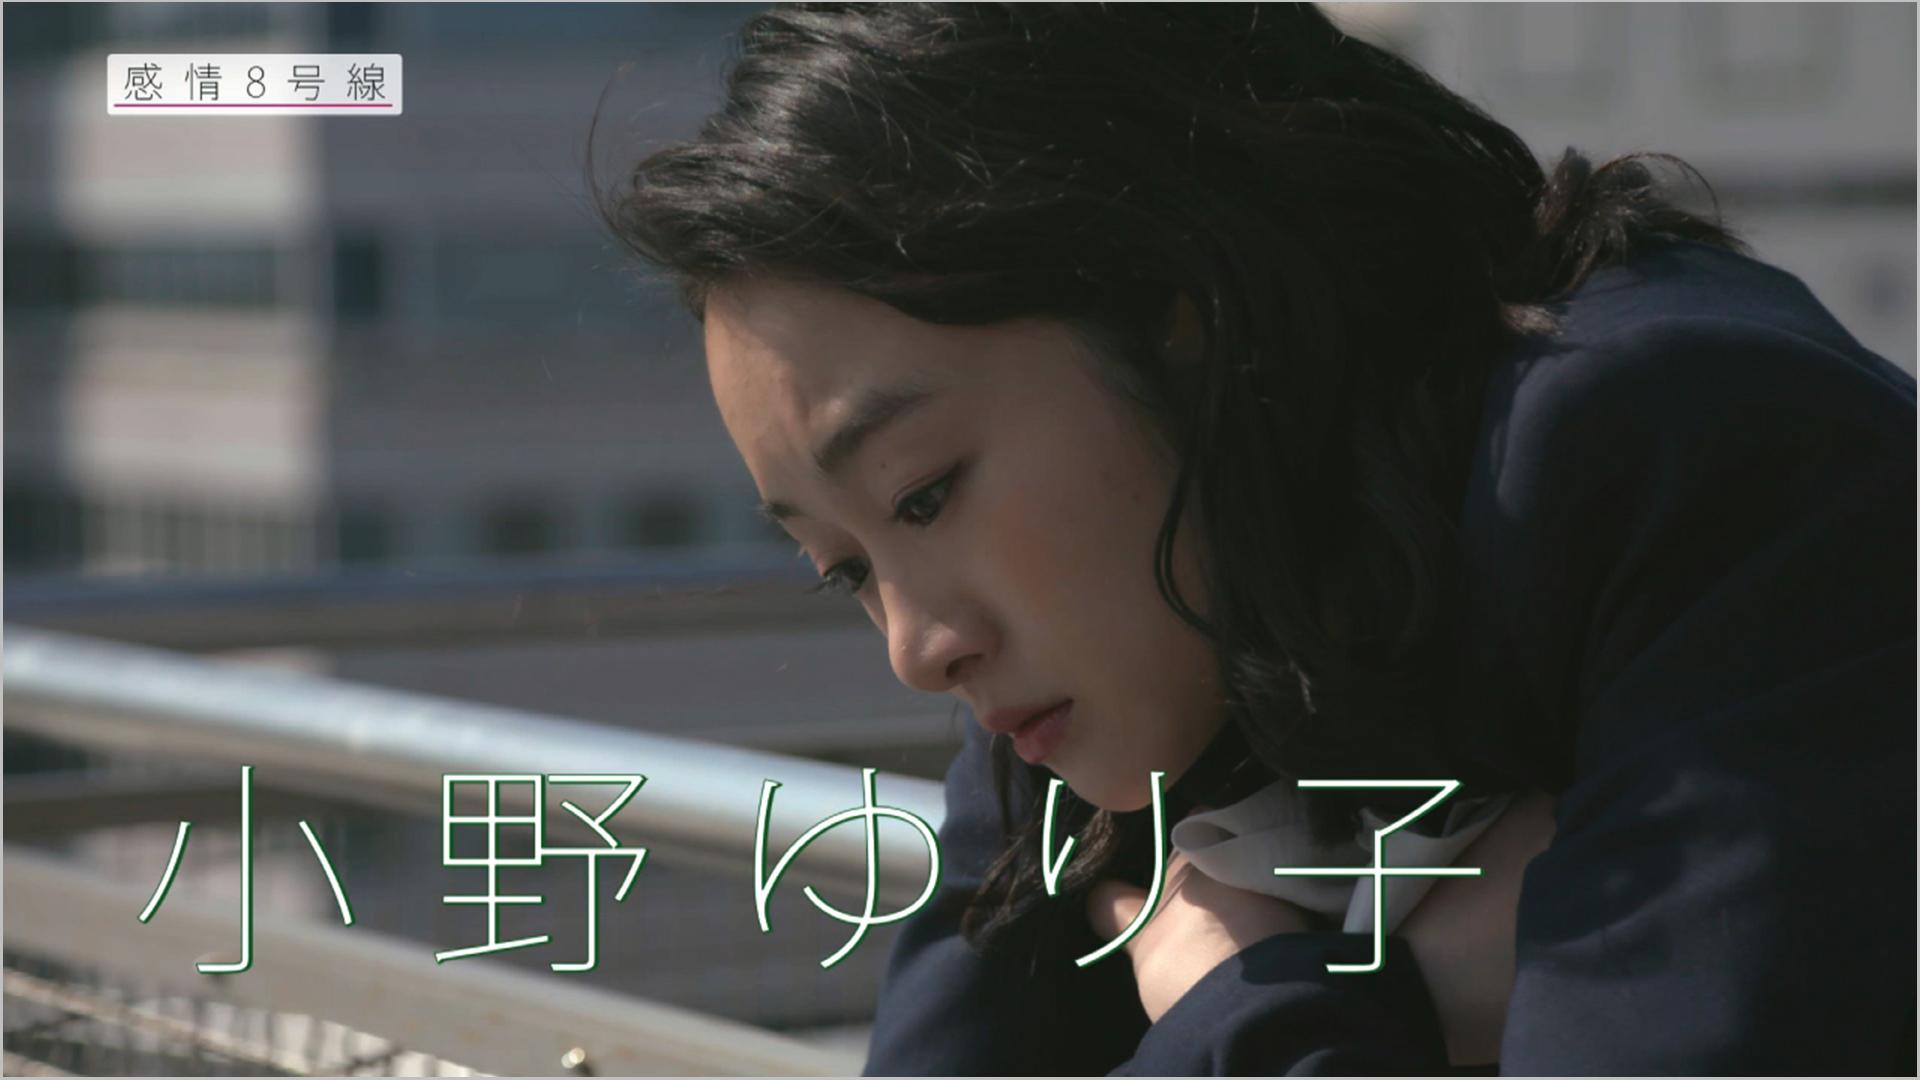 感情8号線 第5話「上野毛 里奈」